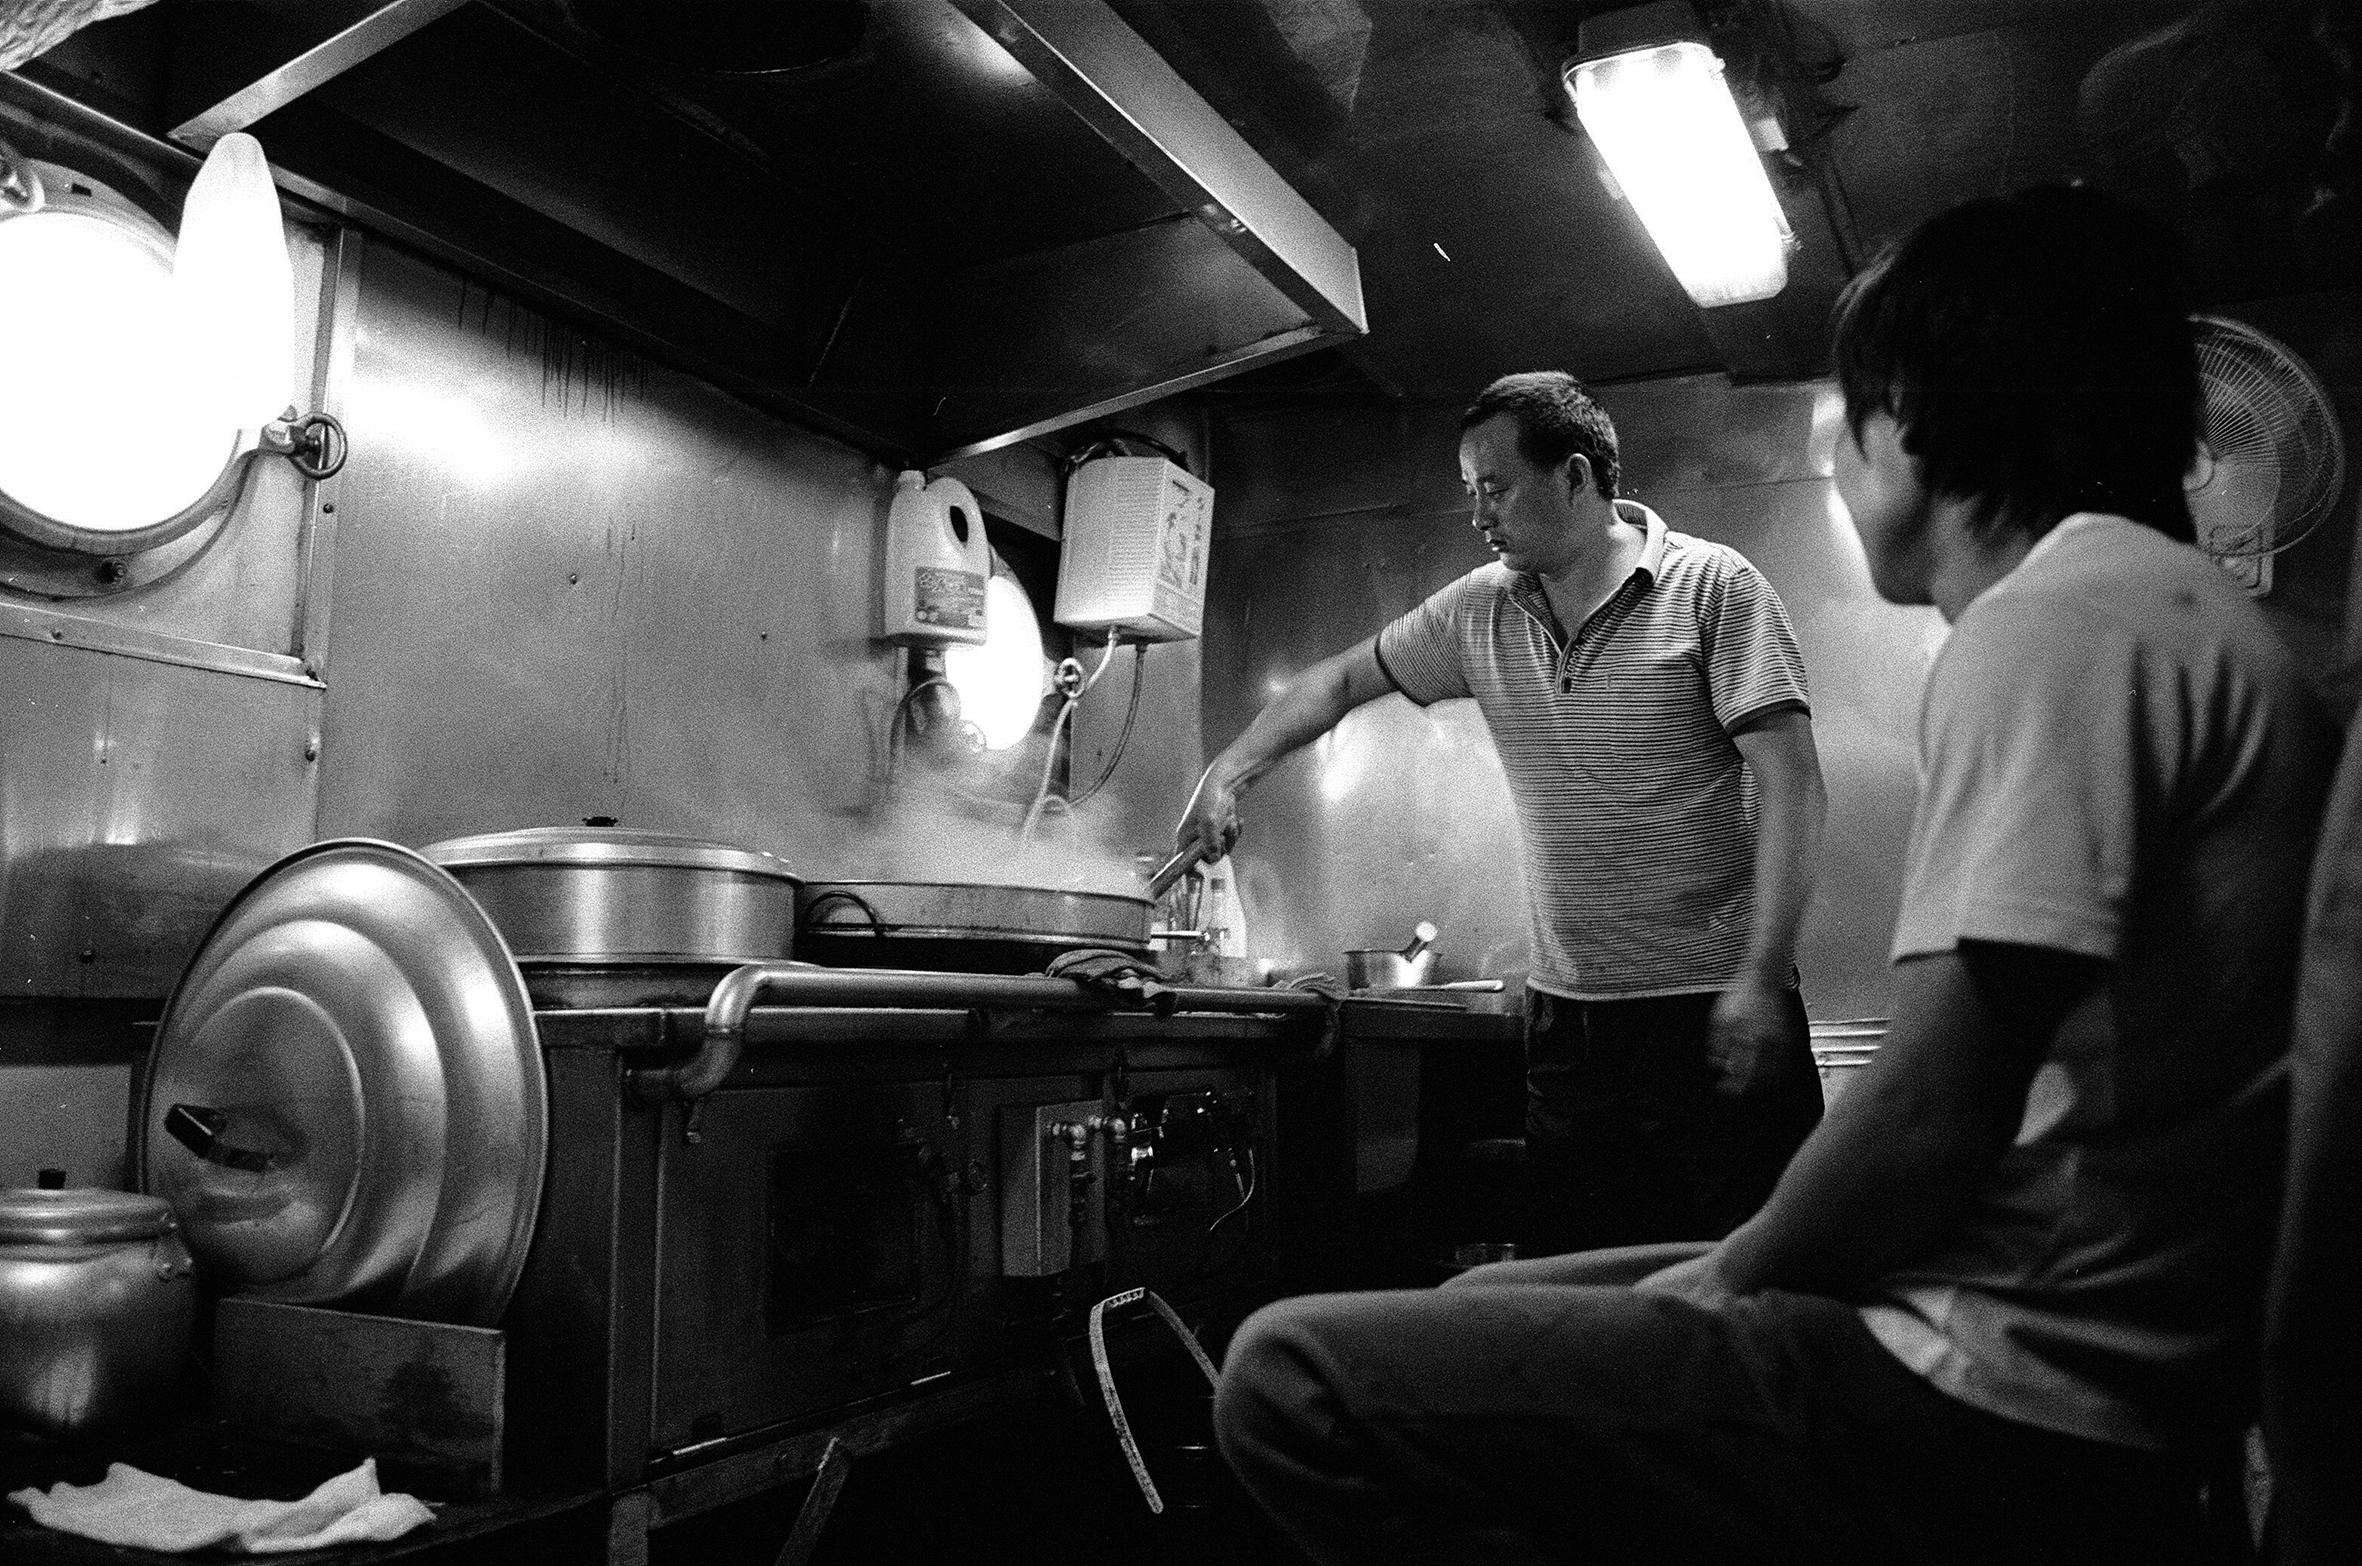 大廚老張和小不點在廚房閒聊